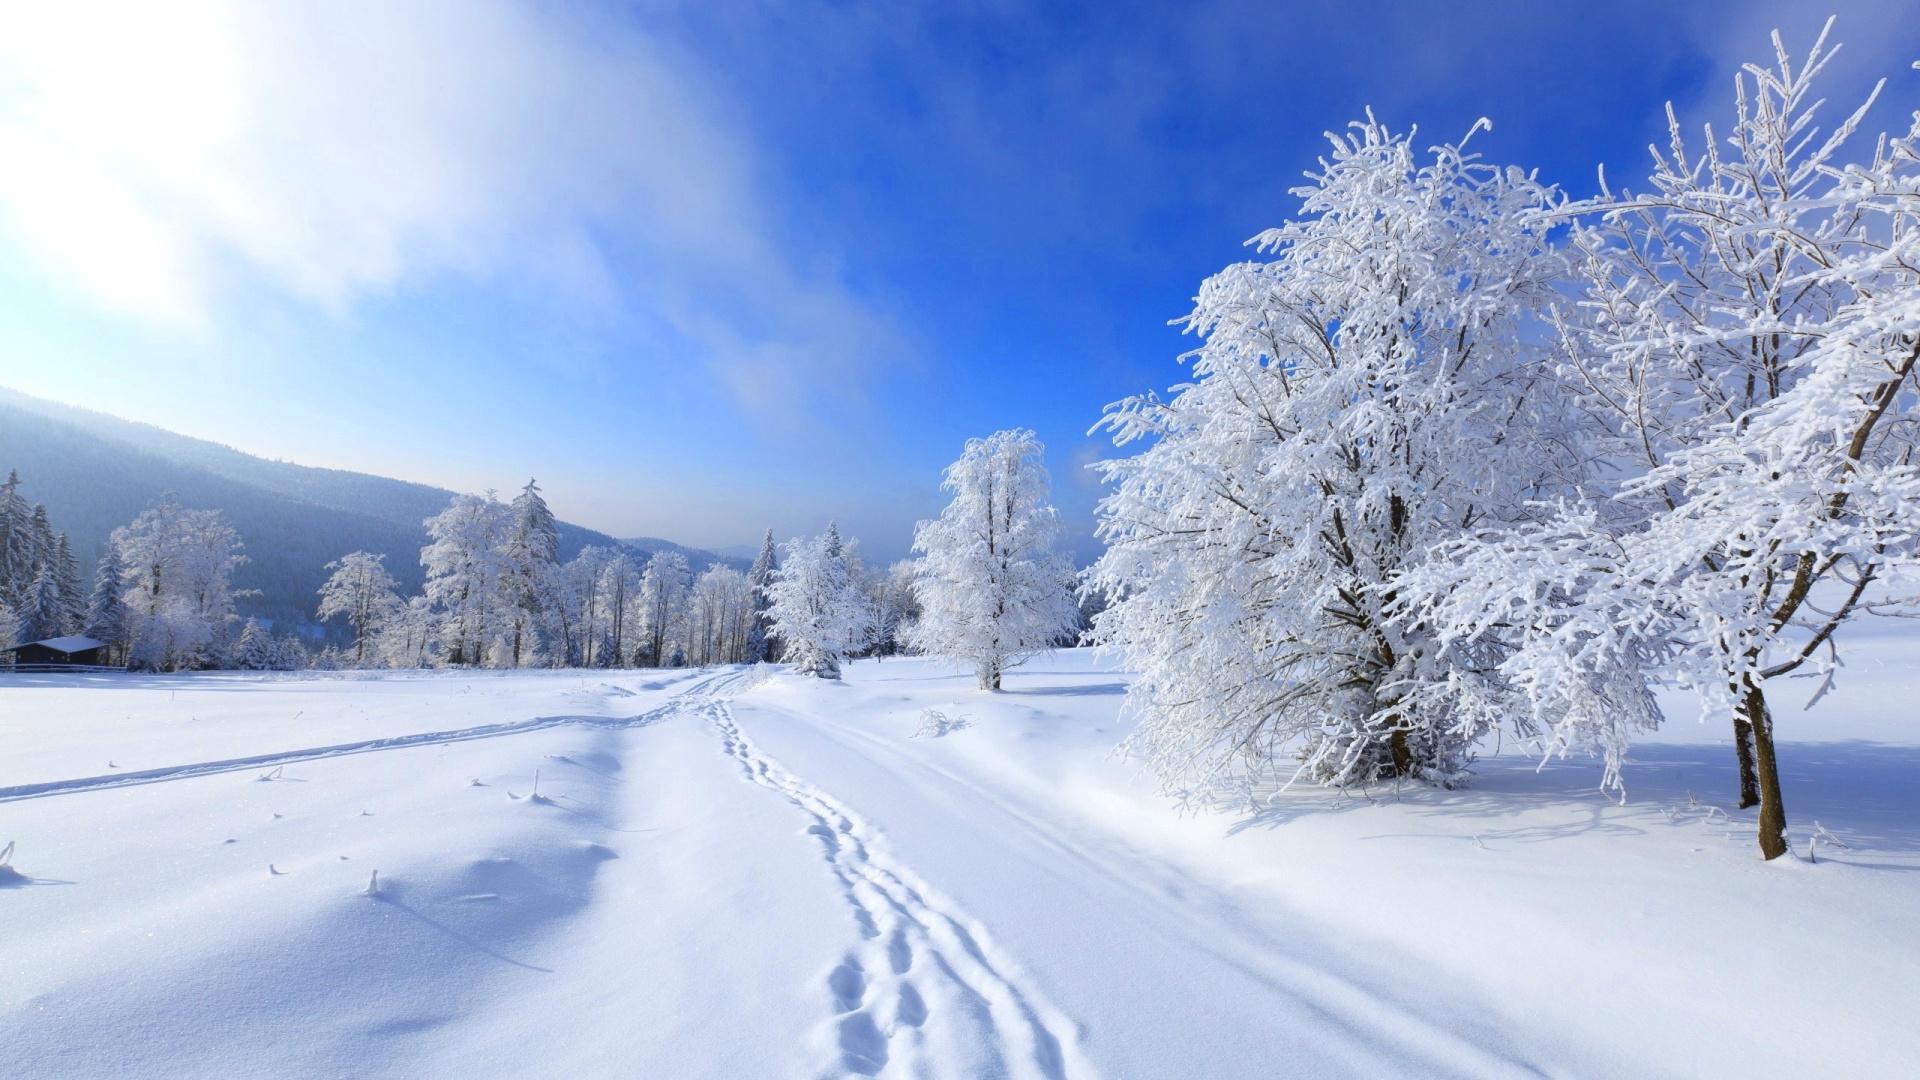 картинки для рабочего стола вот и зима разобраться простой